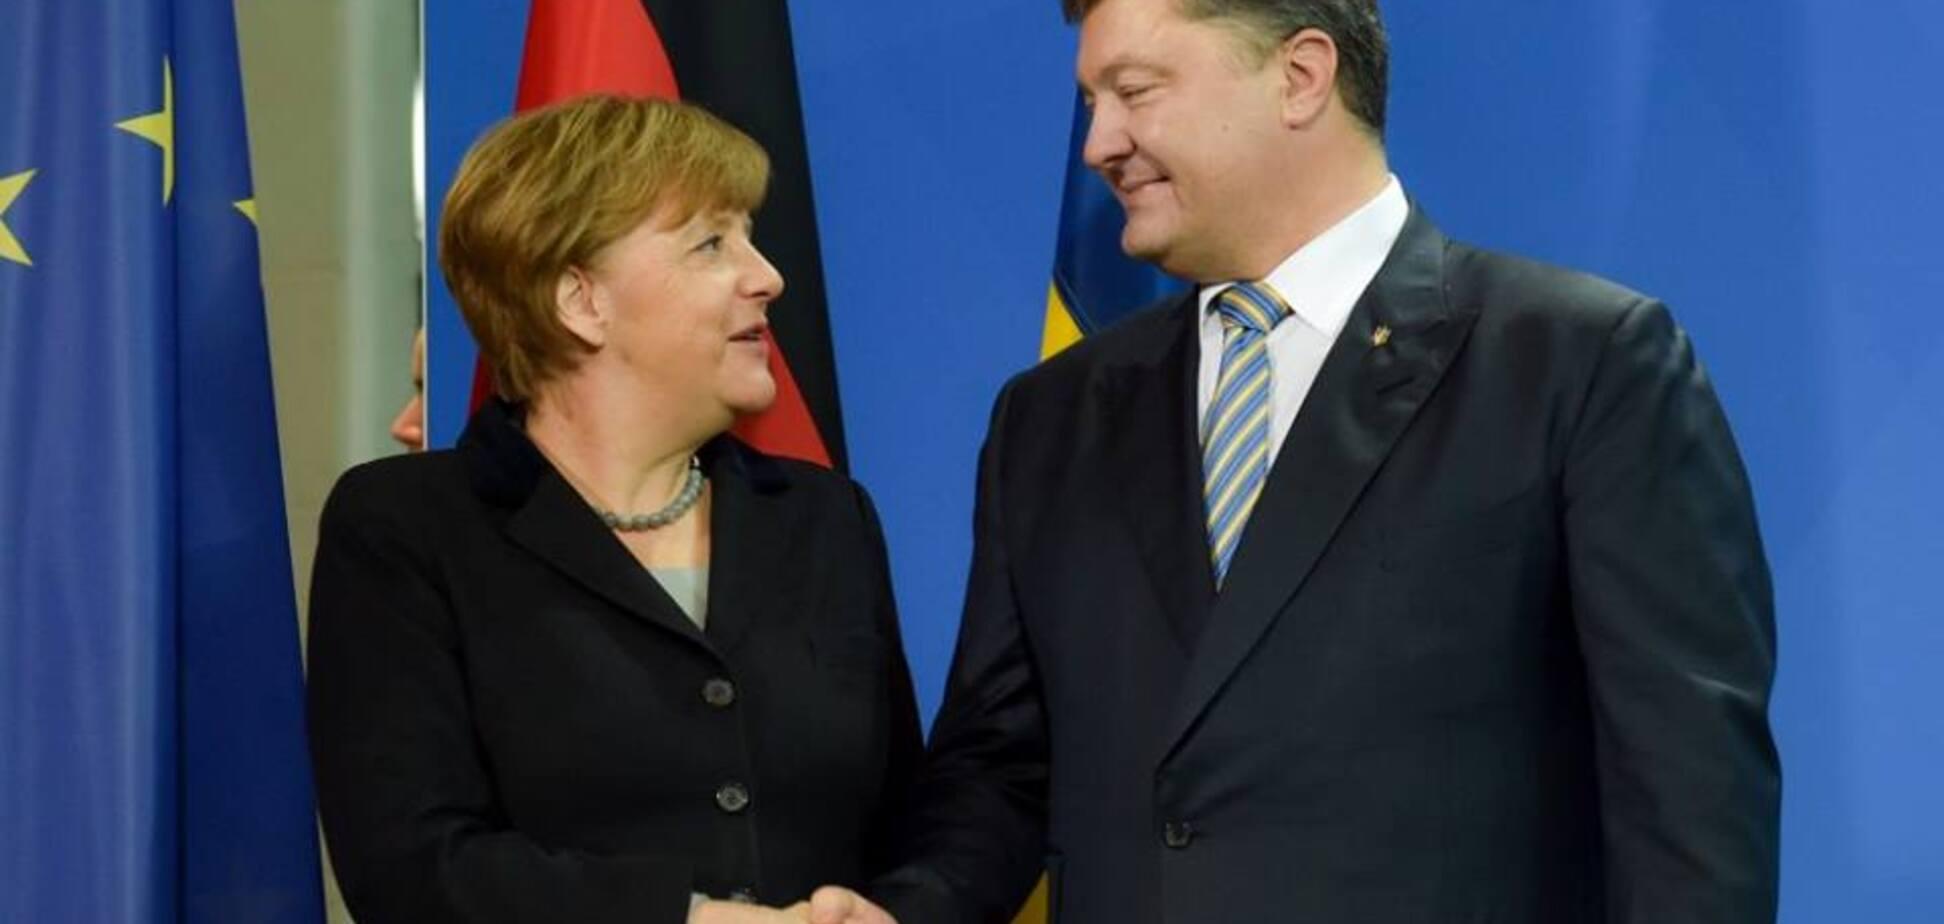 'Искренние поздравления': Порошенко сделал громкое заявление о выборах в Германии, не дожидаясь официальных результатов